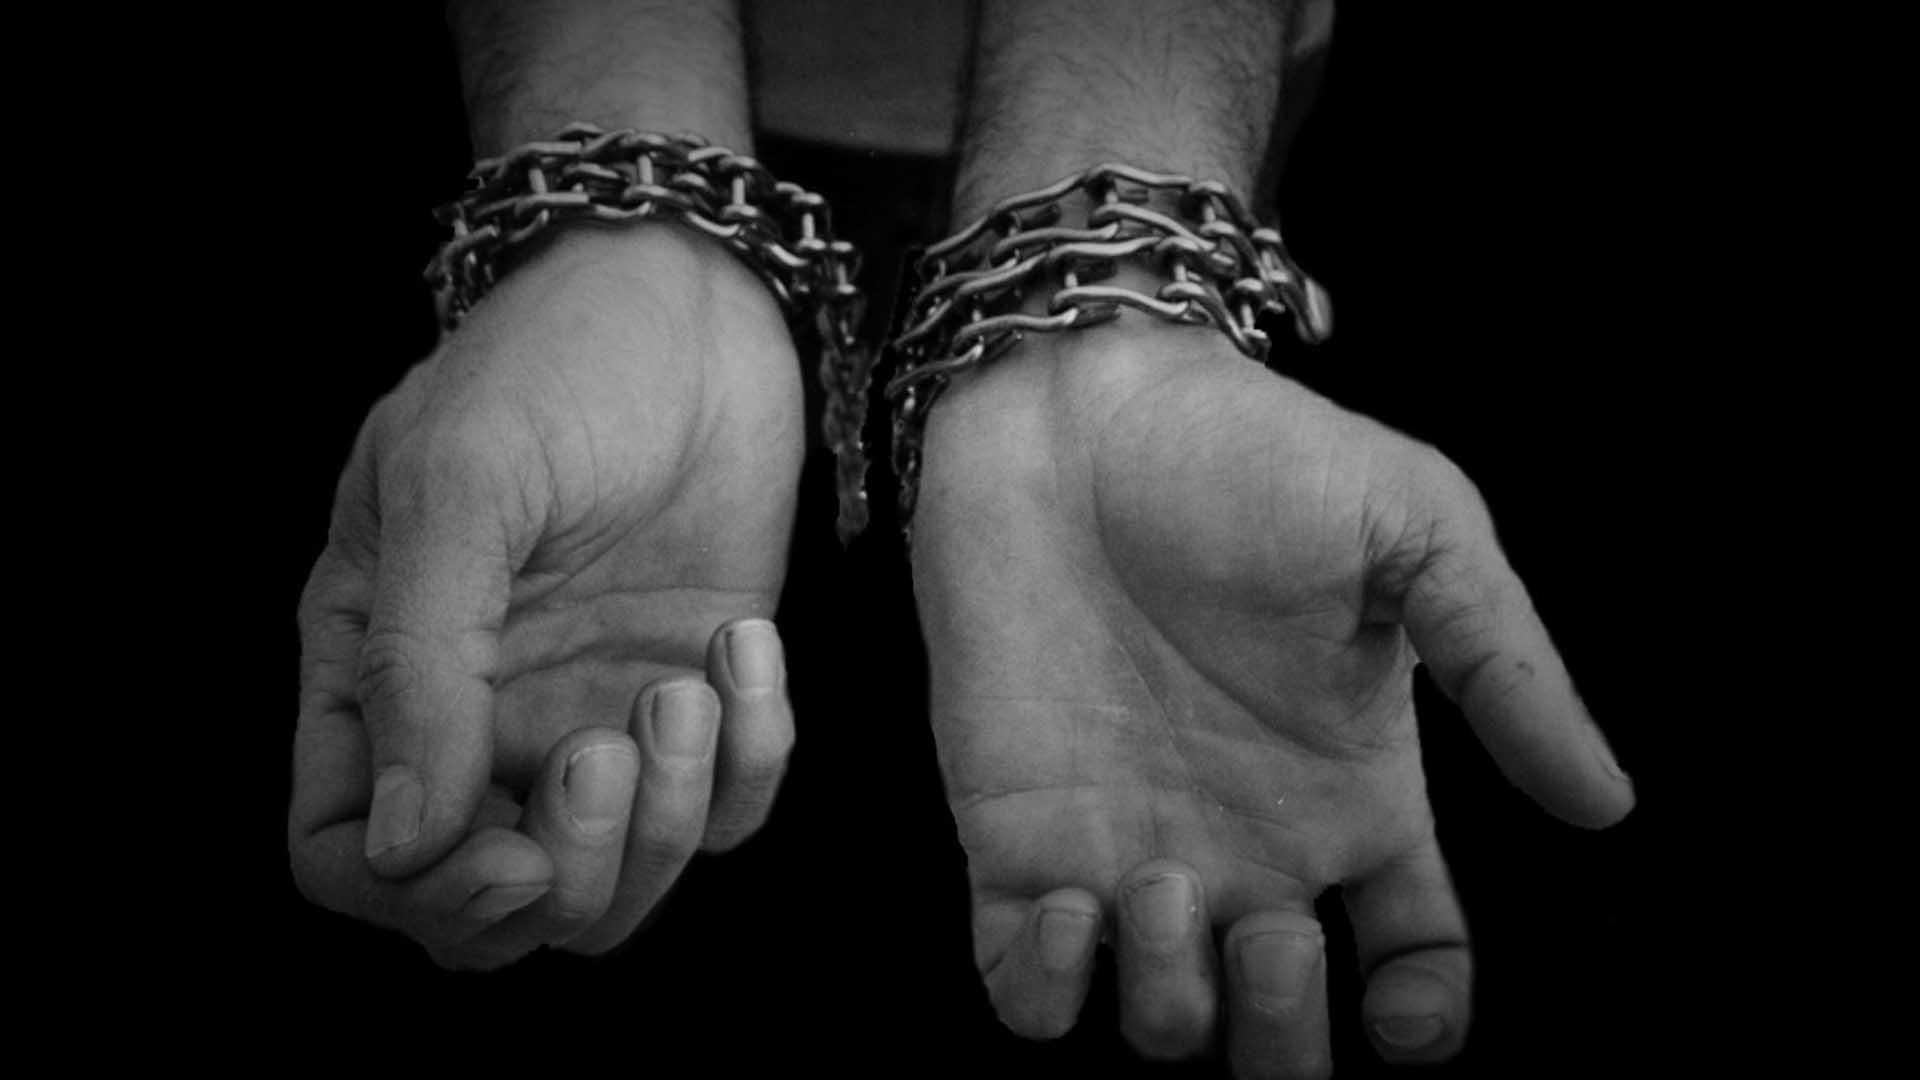 Casi la mitad de los mexicanos aprueba la tortura contra delincuentes